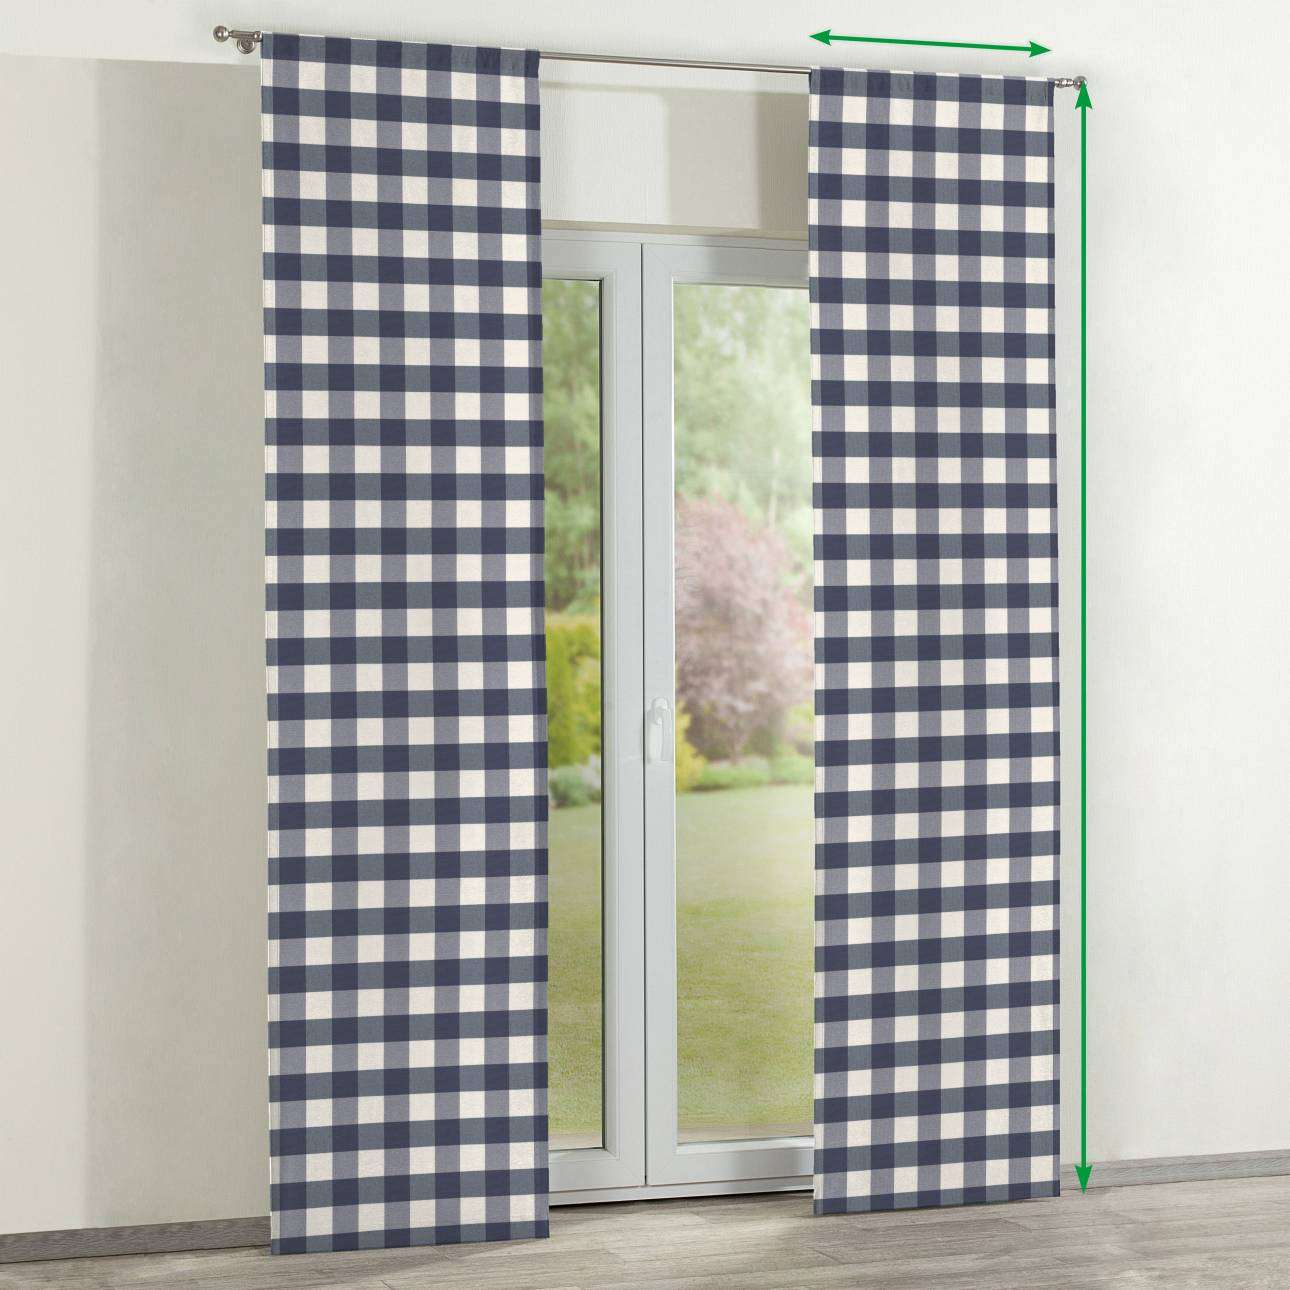 Panelové závesy 2 ks V kolekcii Quadro, tkanina: 136-03